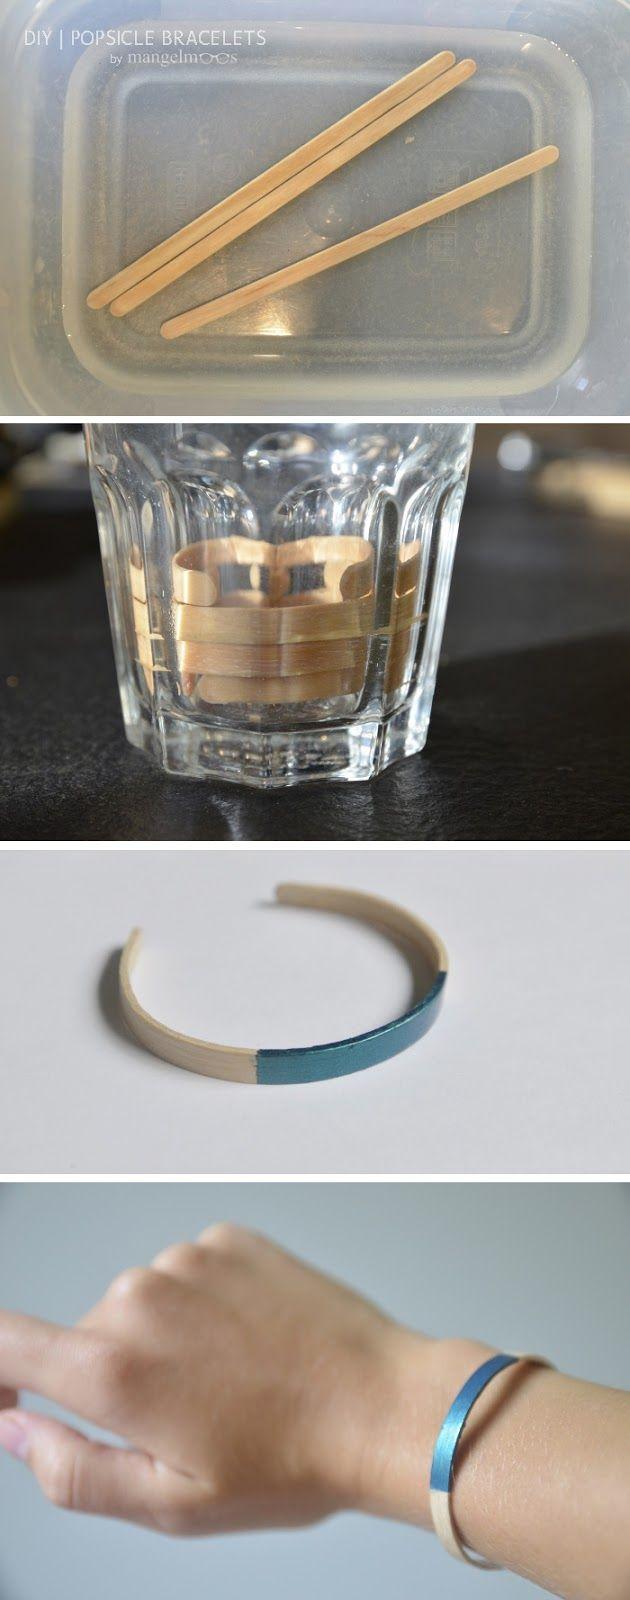 Lassen Sie die Eis am Stiel in warmem Wasser einweichen, bis sie flexibel sind.  Falten Sie sie an der Innenseite des Glases und lassen Sie sie trocknen vollständig . Optional: Verwenden Sie etwas Nagellack Ihr Armband zu schmücken.